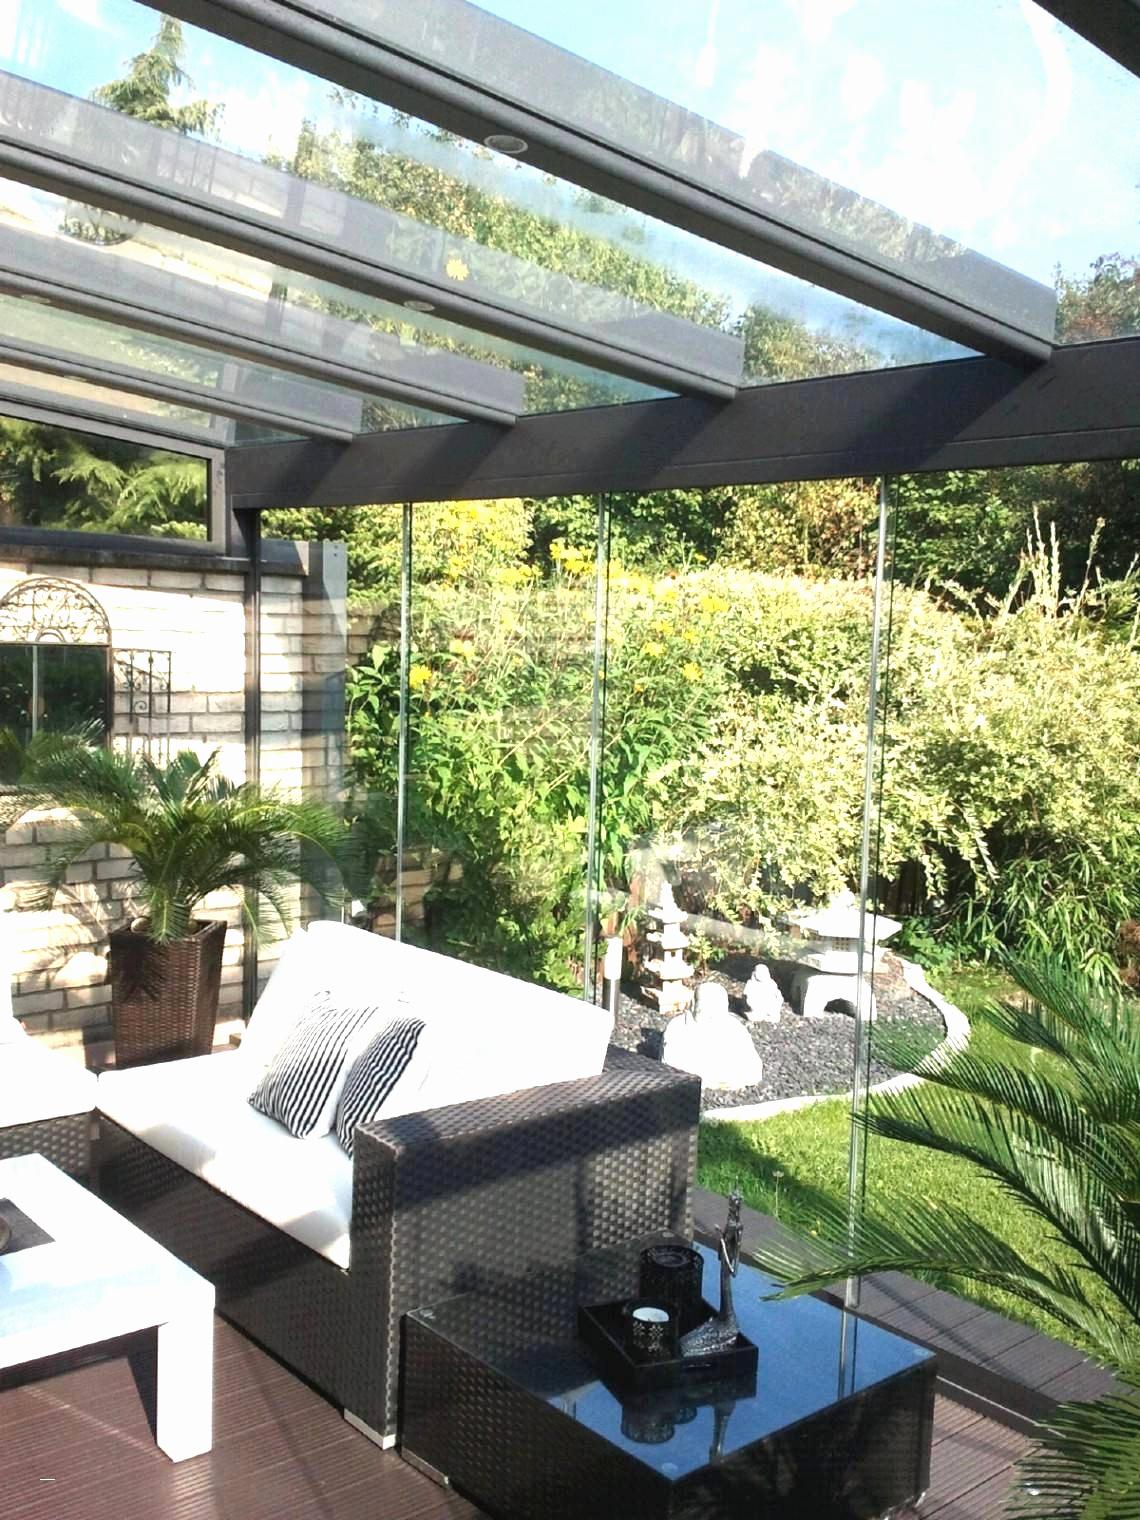 Gartengestaltung Genial Modern Garden Fountain Luxury Moderne Gartengestaltung Mit